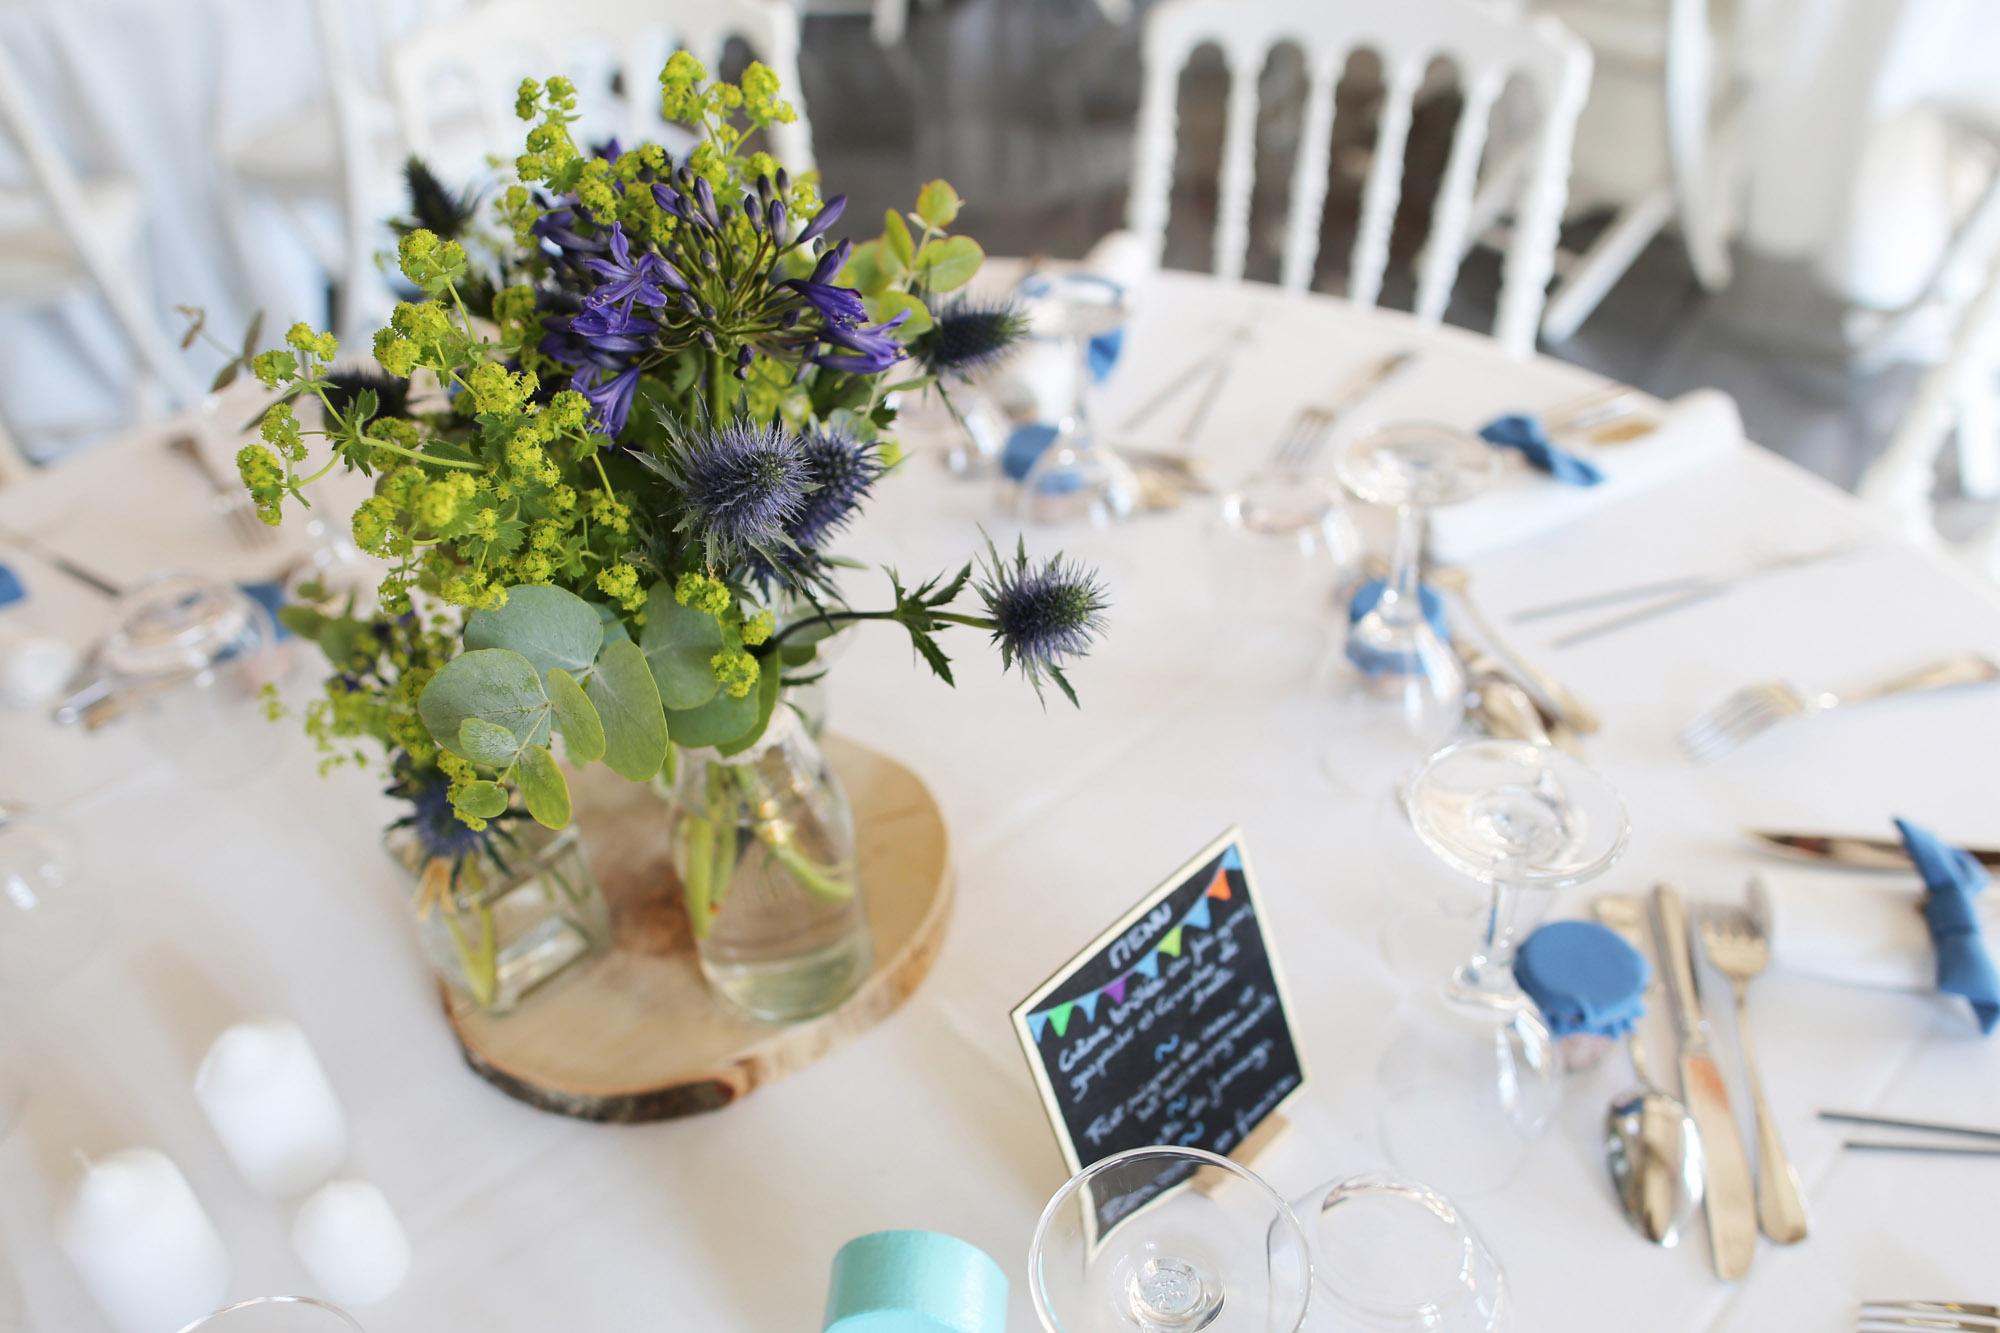 fleuriste-mariage-64-photographe-Sylvain-Mariotto-landes-pays-basque-17